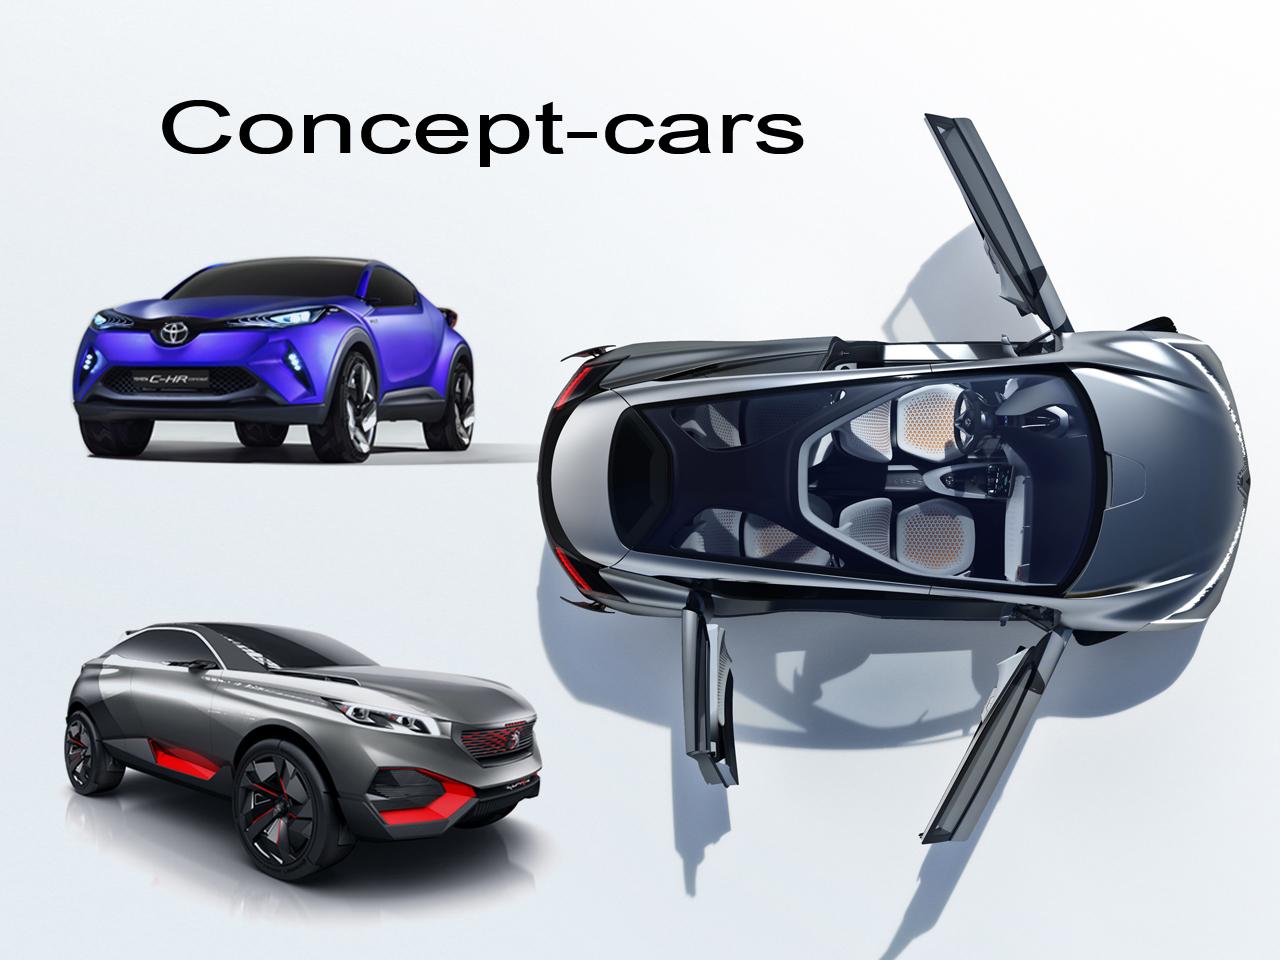 les concepts car d couvrir au mondial de l 39 automobile 2014 photo 8 l 39 argus. Black Bedroom Furniture Sets. Home Design Ideas